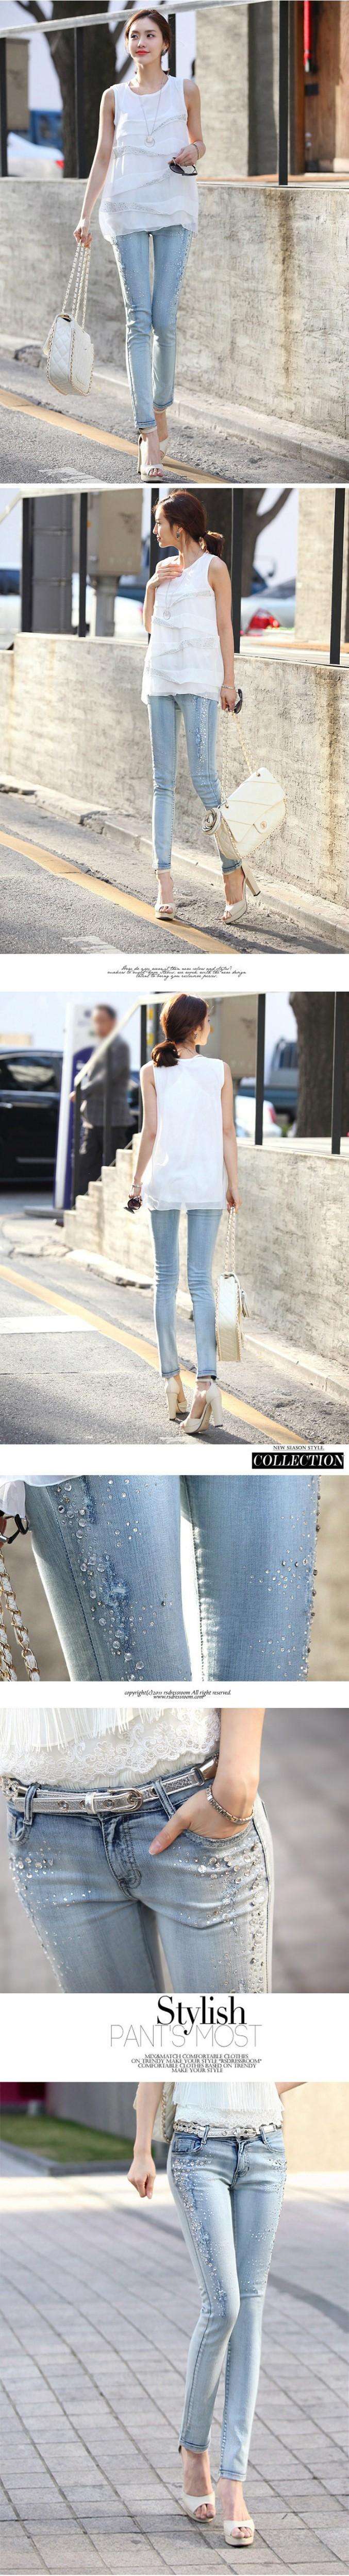 6 EKSTRA BESAR Celana Jeans Wanita Korea Denim berwarna Terang Kaki Memakai Putih Celana Pensil Wanita Kurus Hot Pengeboran Jeans